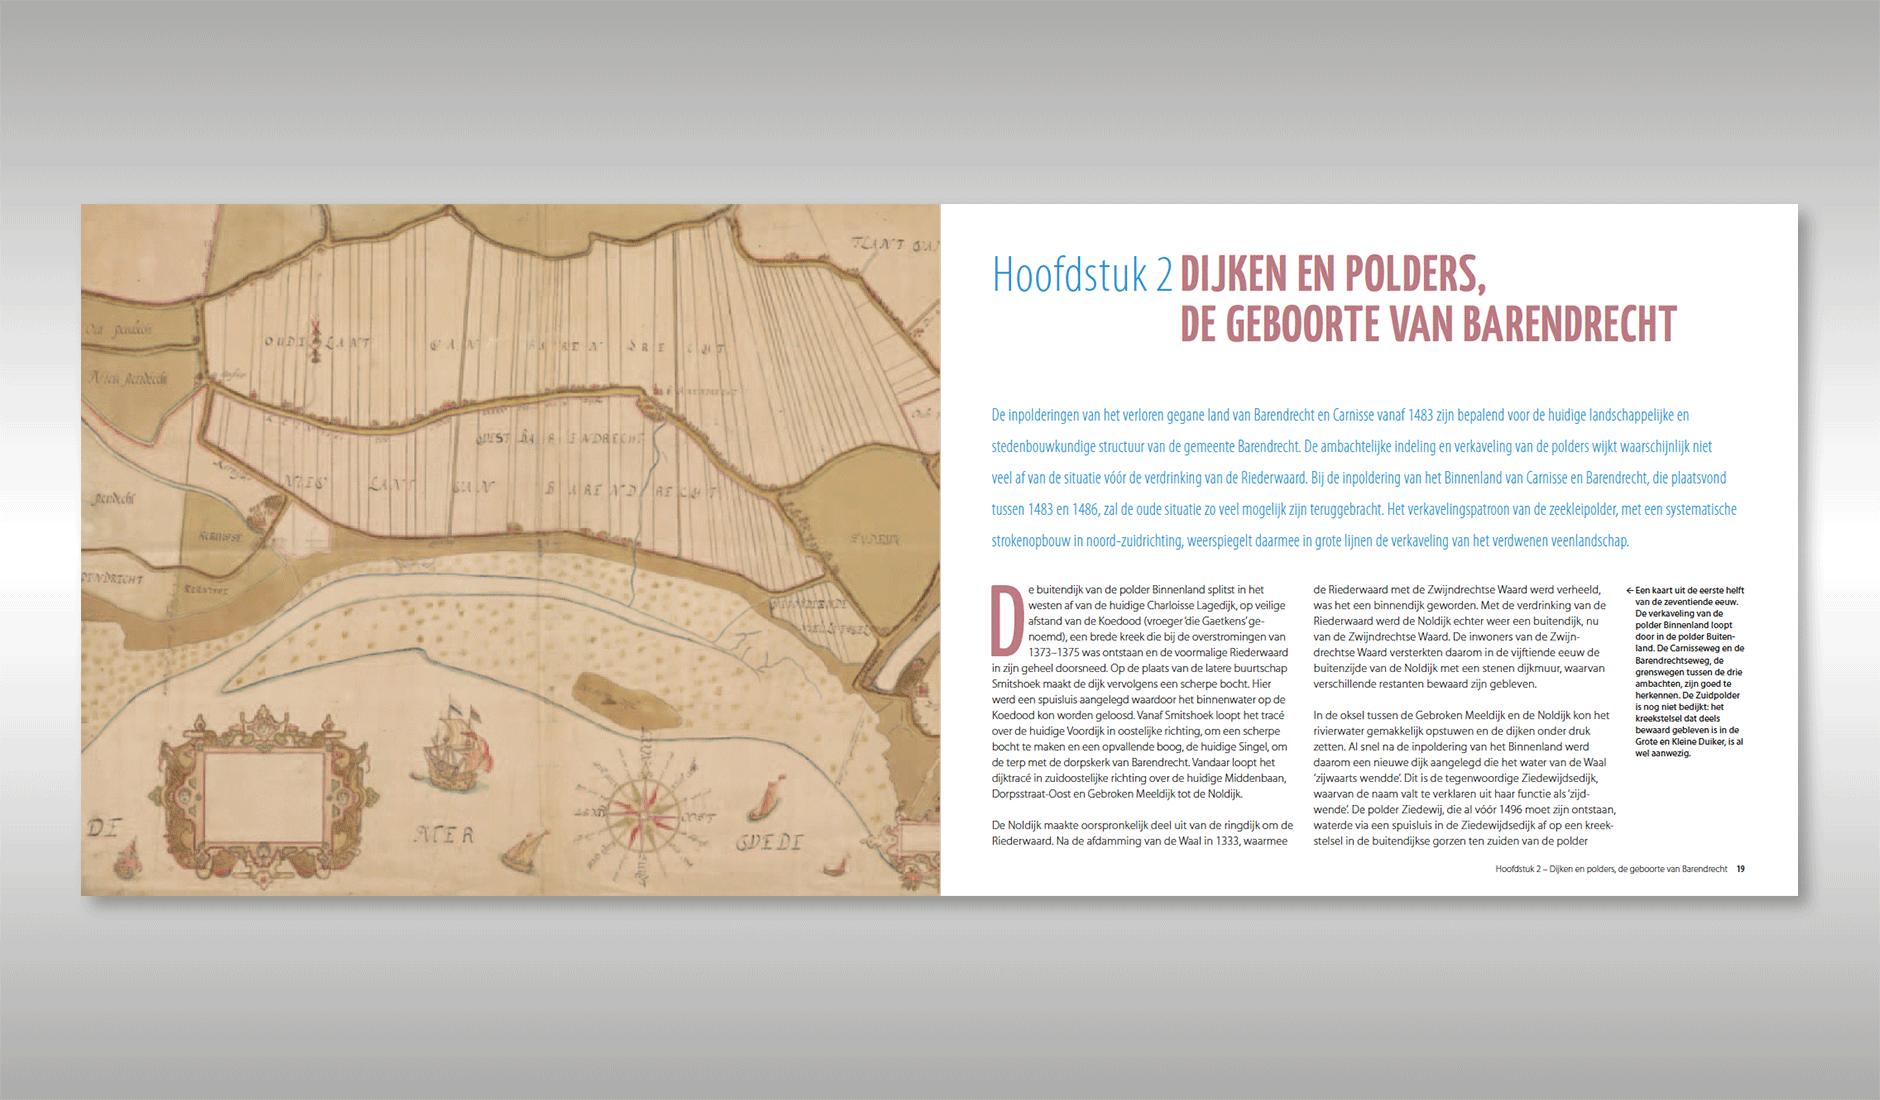 """Ontwerp van de titelpagina van het hoofdstuk: """"Dijken en polders, de geboorte van Barendrecht"""""""